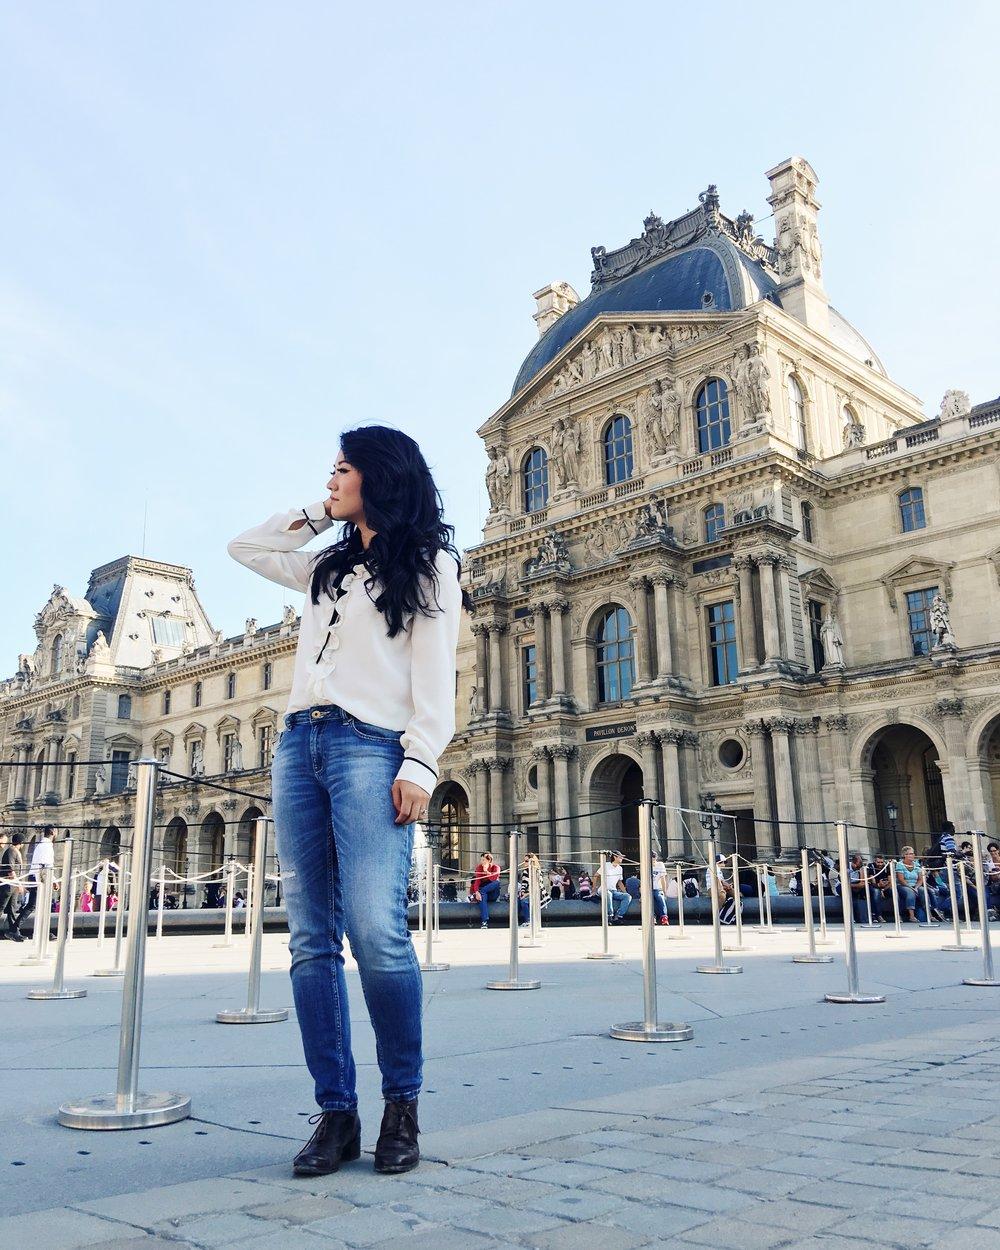 Louvre paris blog travel